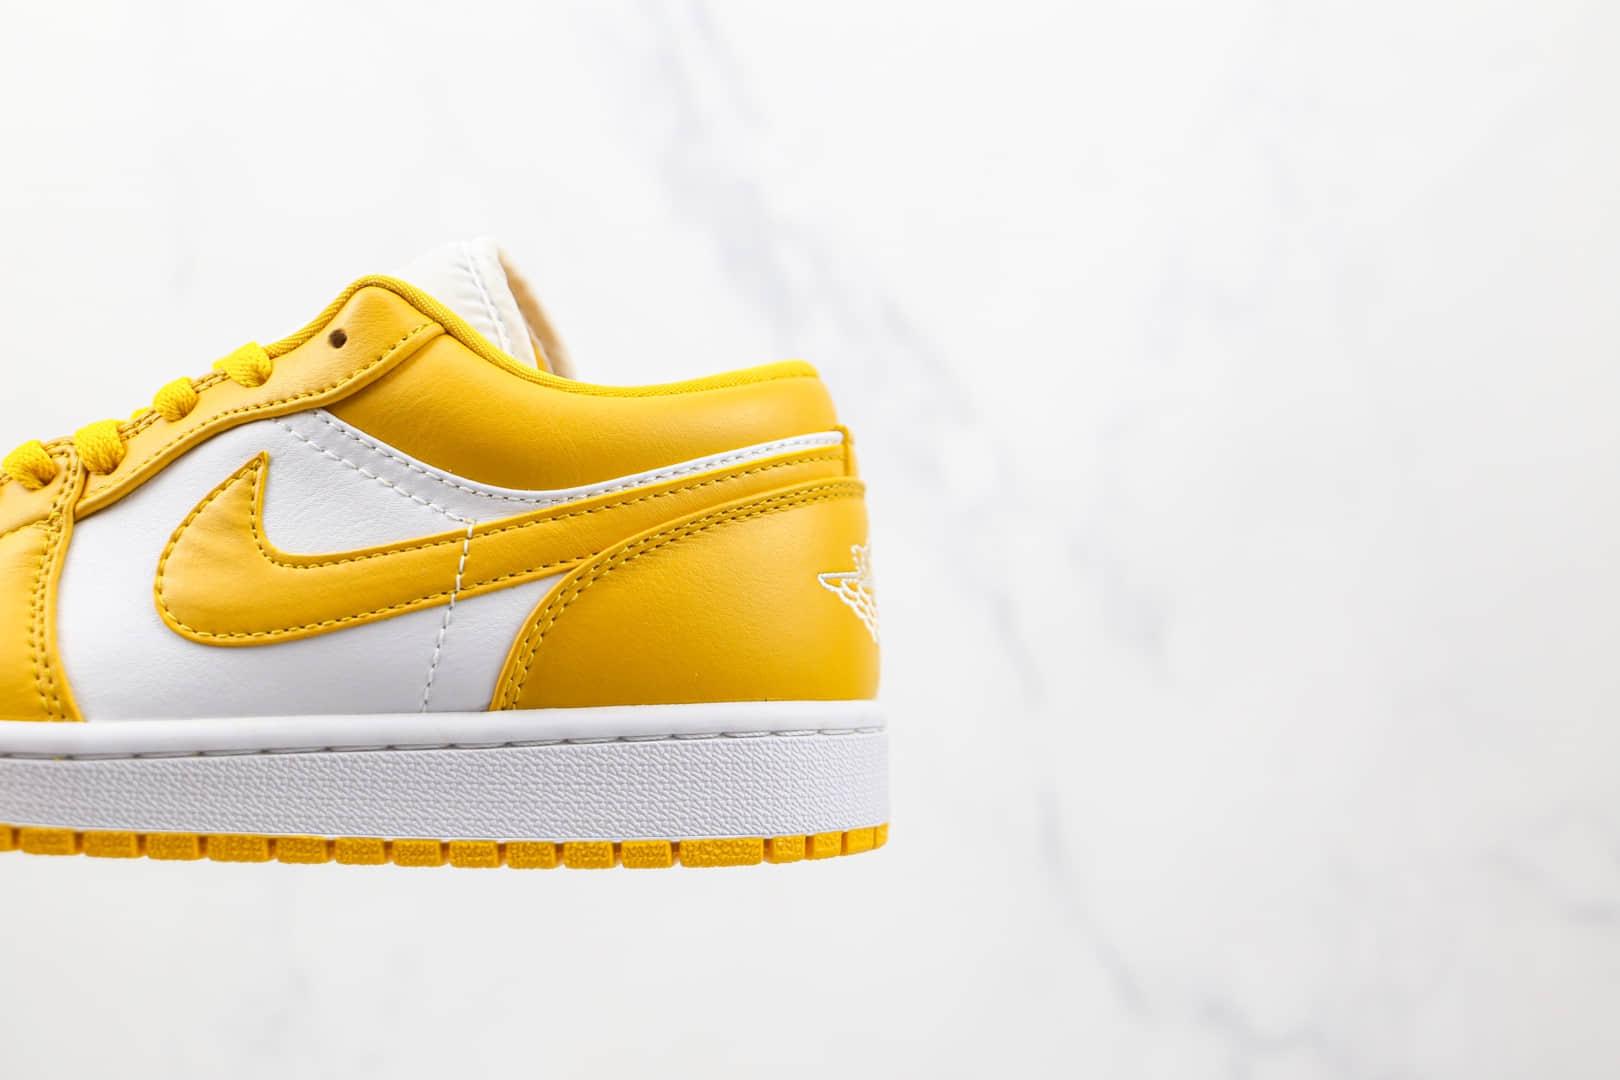 乔丹Air Jordan 1 Low纯原版本低帮AJ1白黄芥末黄板鞋原档案数据开发 货号:553558-171